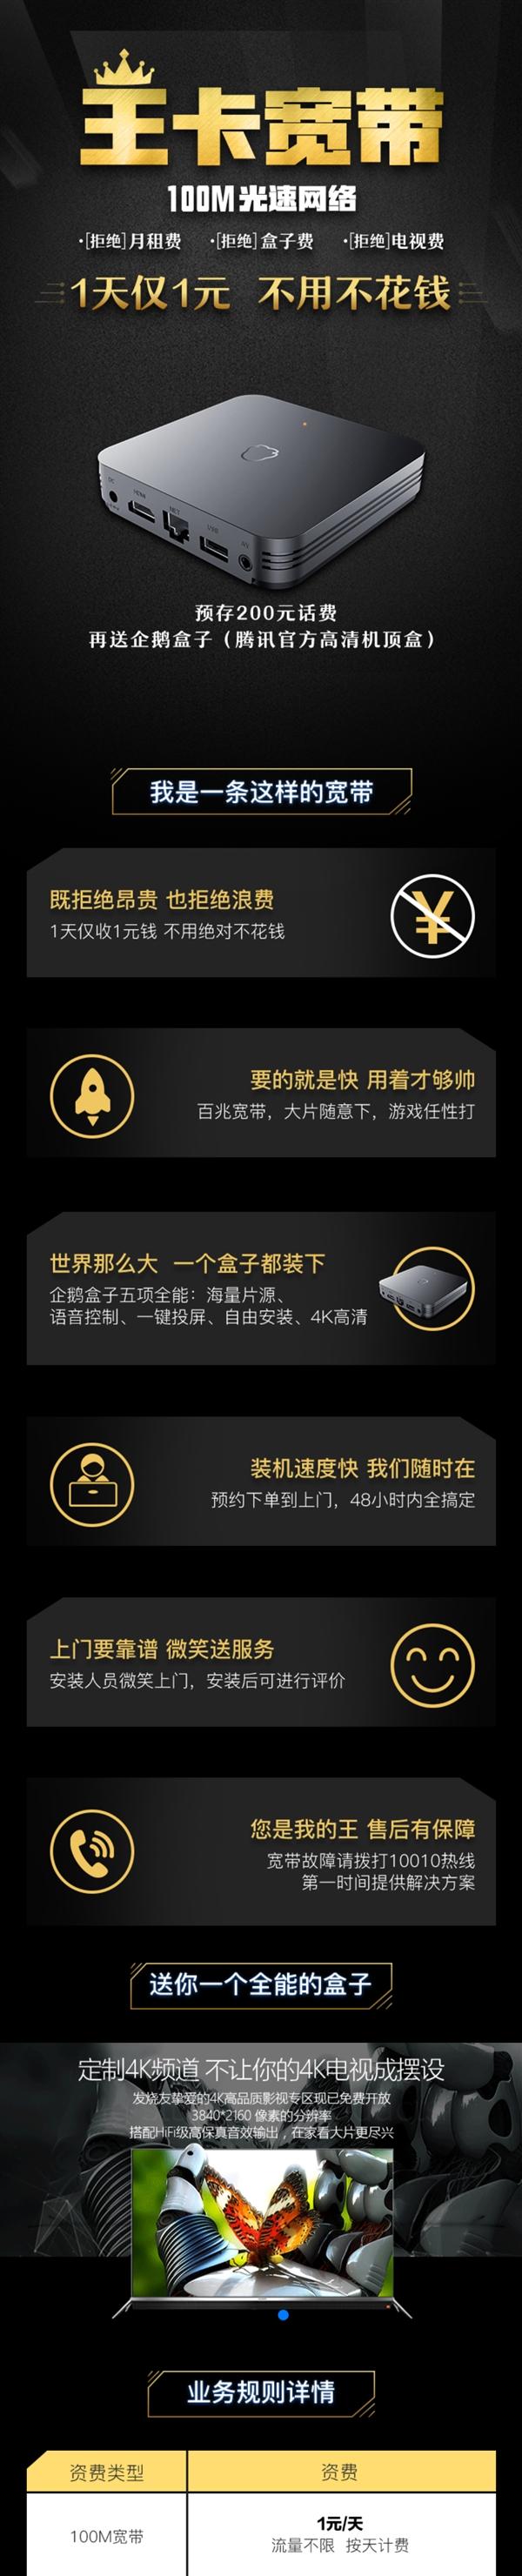 腾讯王卡宽带推出!联通100兆 1元1天